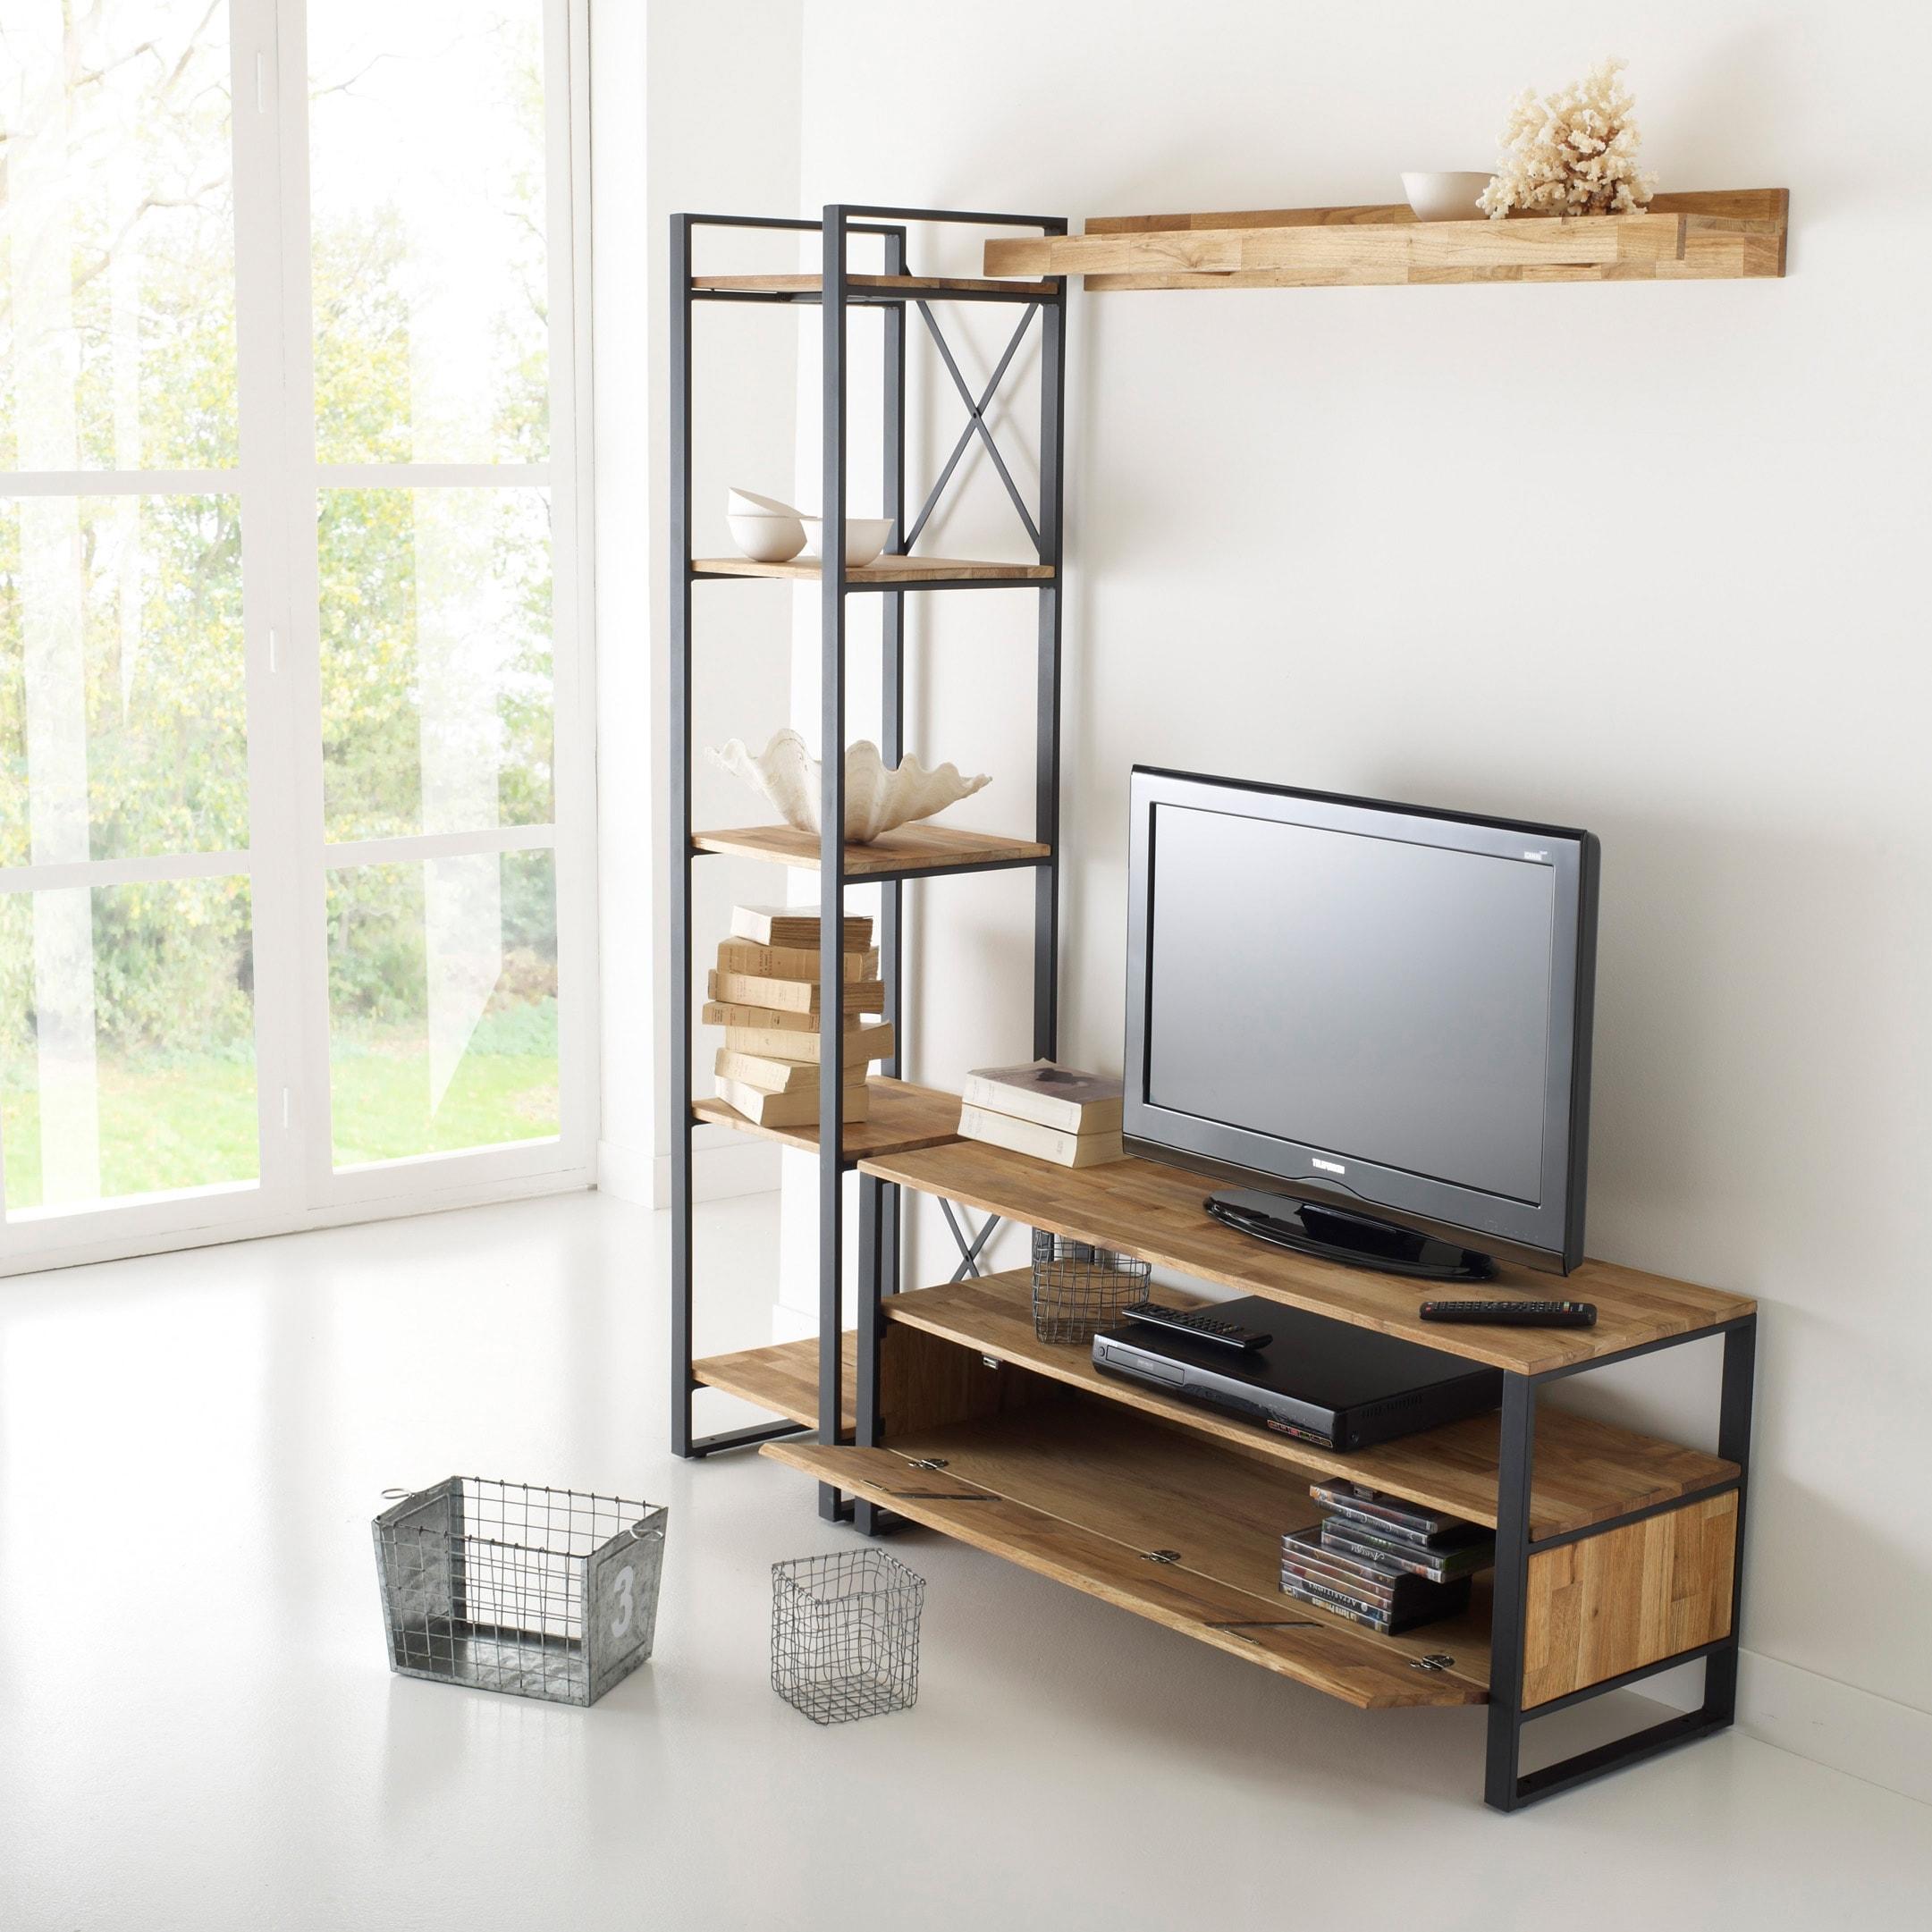 Meuble Tv Industriel La Redoute Maison Et Mobilier D Int Rieur